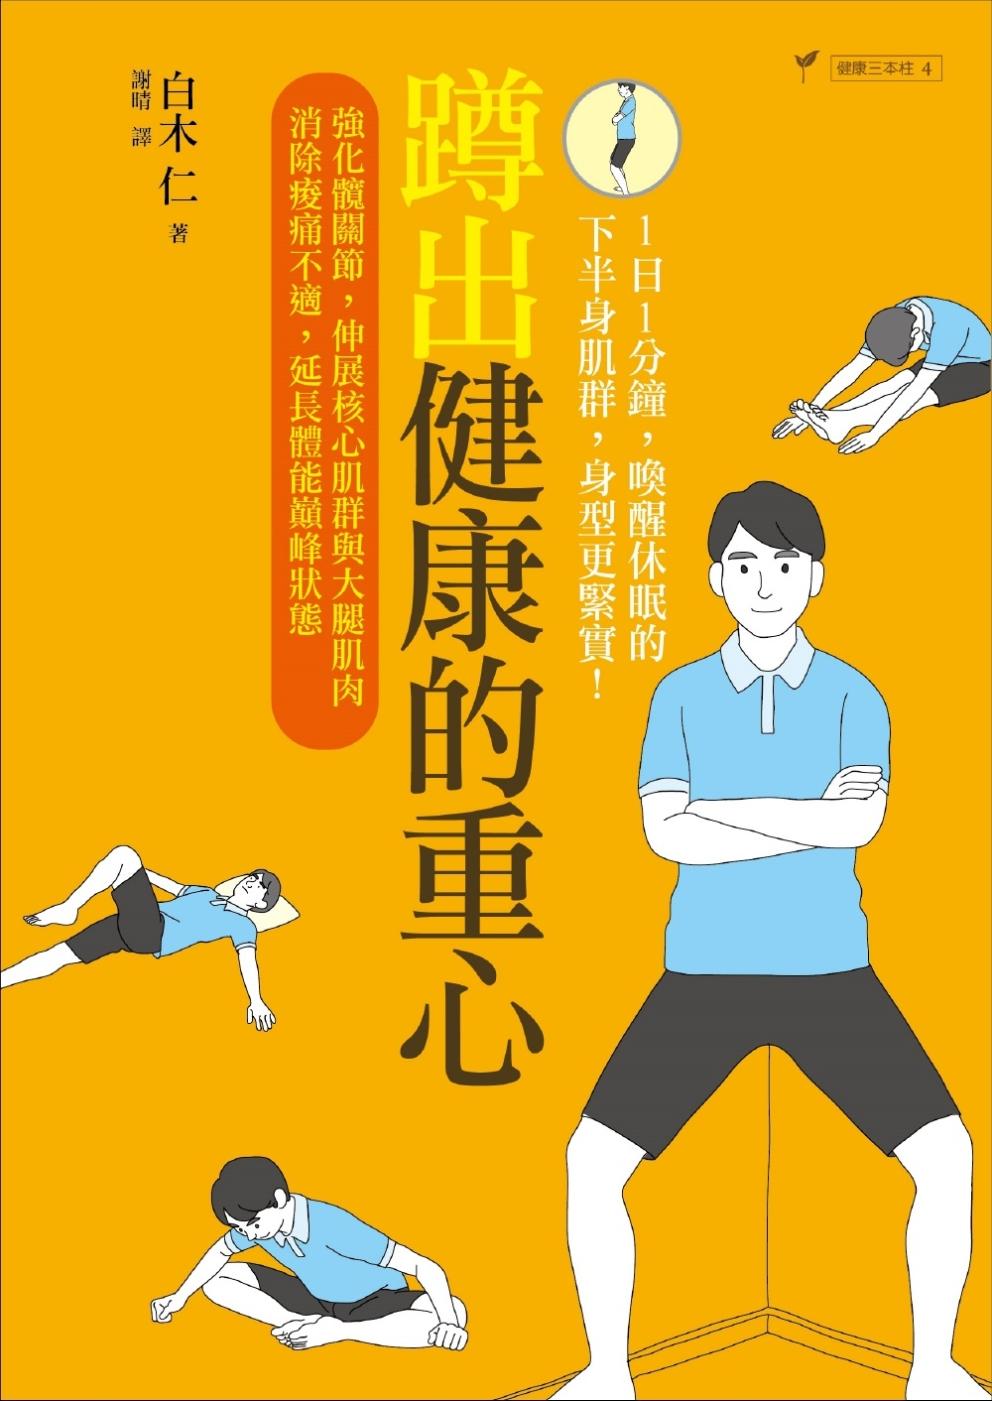 蹲出健康的重心:強化髖關節,伸展核心肌群與大腿肌肉,消除痠痛不適,延長體能巔峰狀態